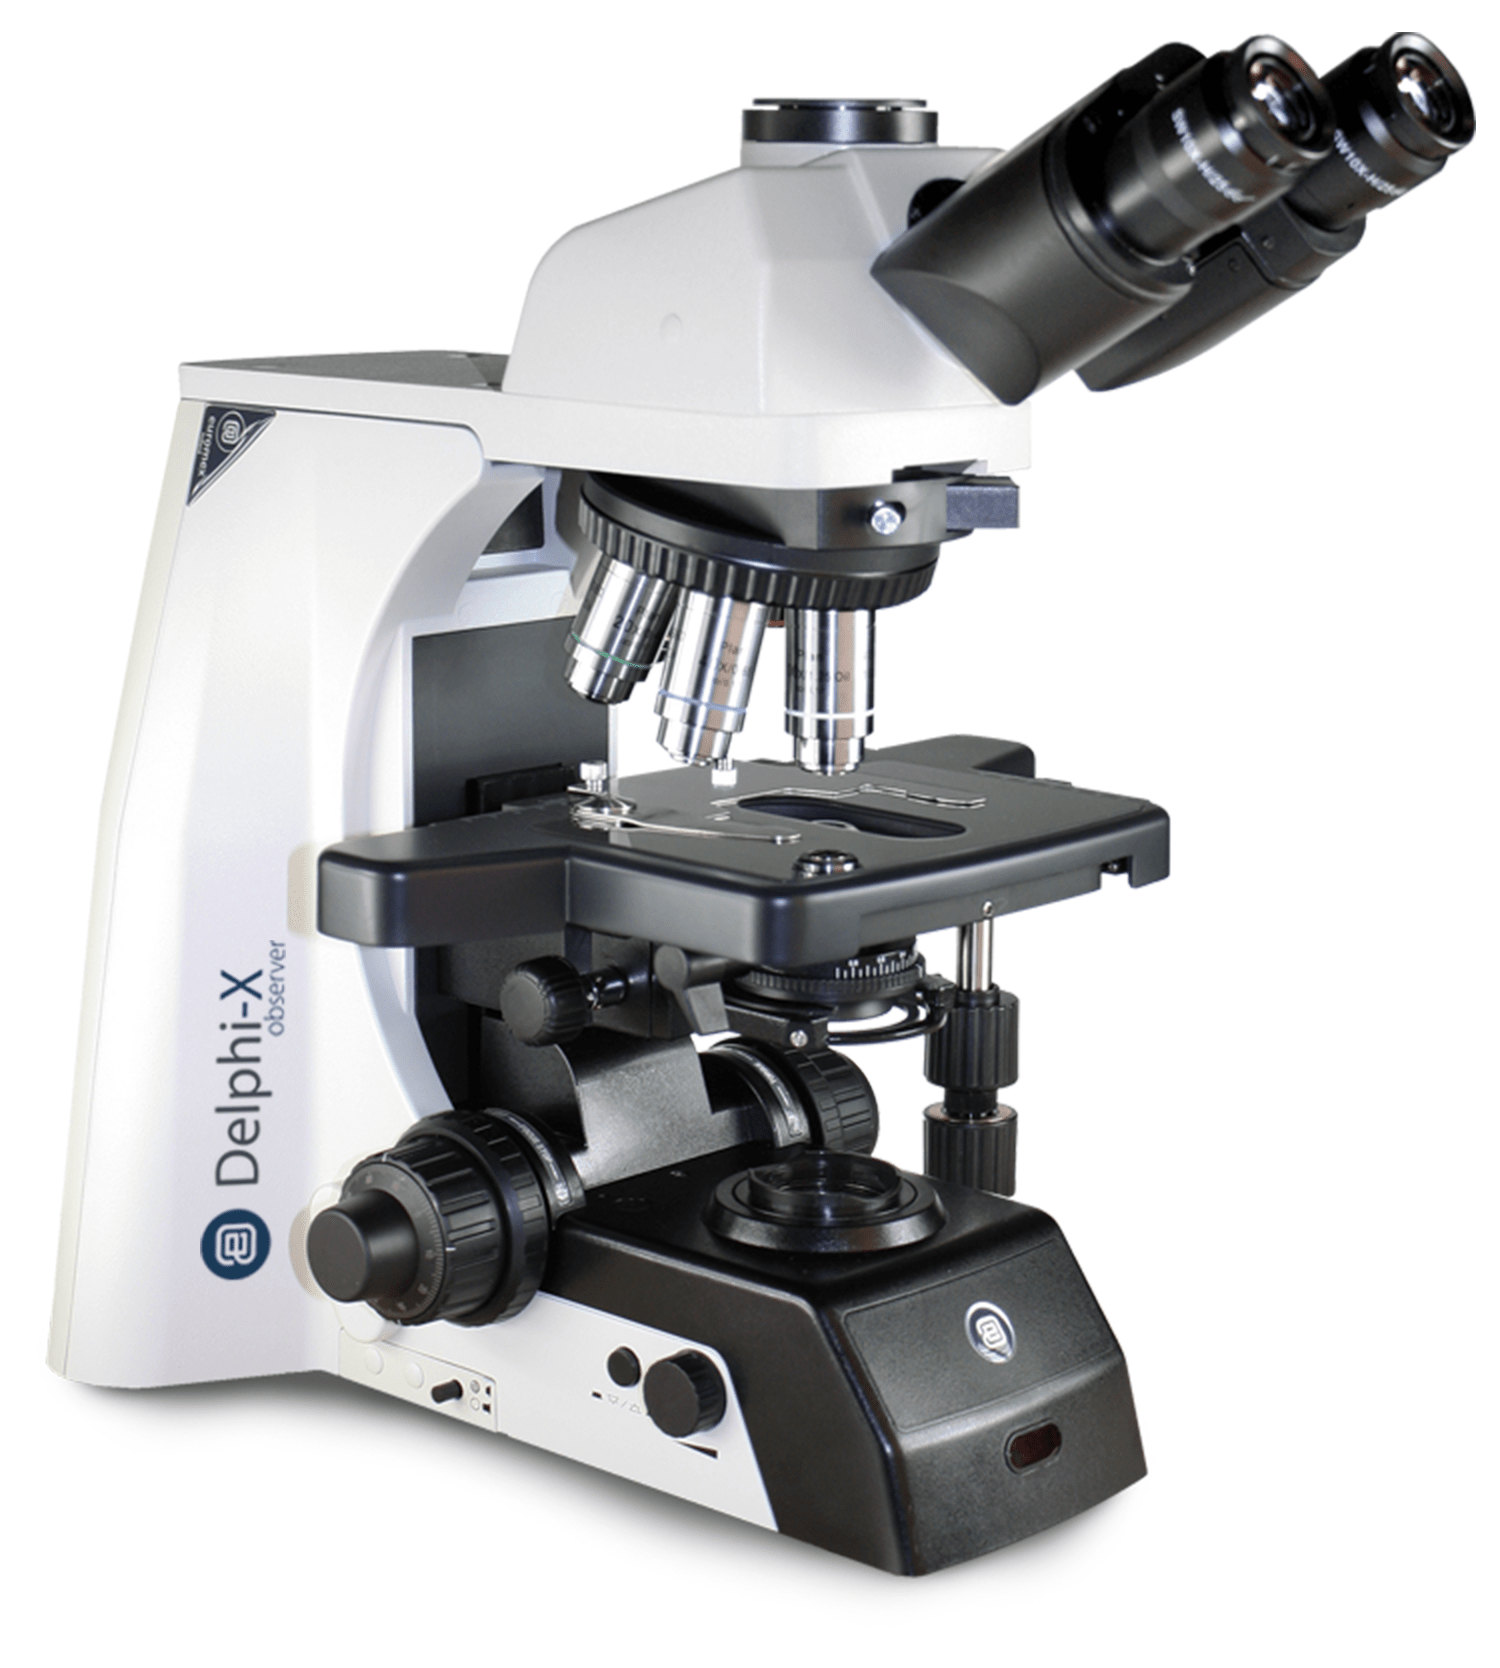 microscopio profesional de investigación con oculares de super gran campo y objetivos APO